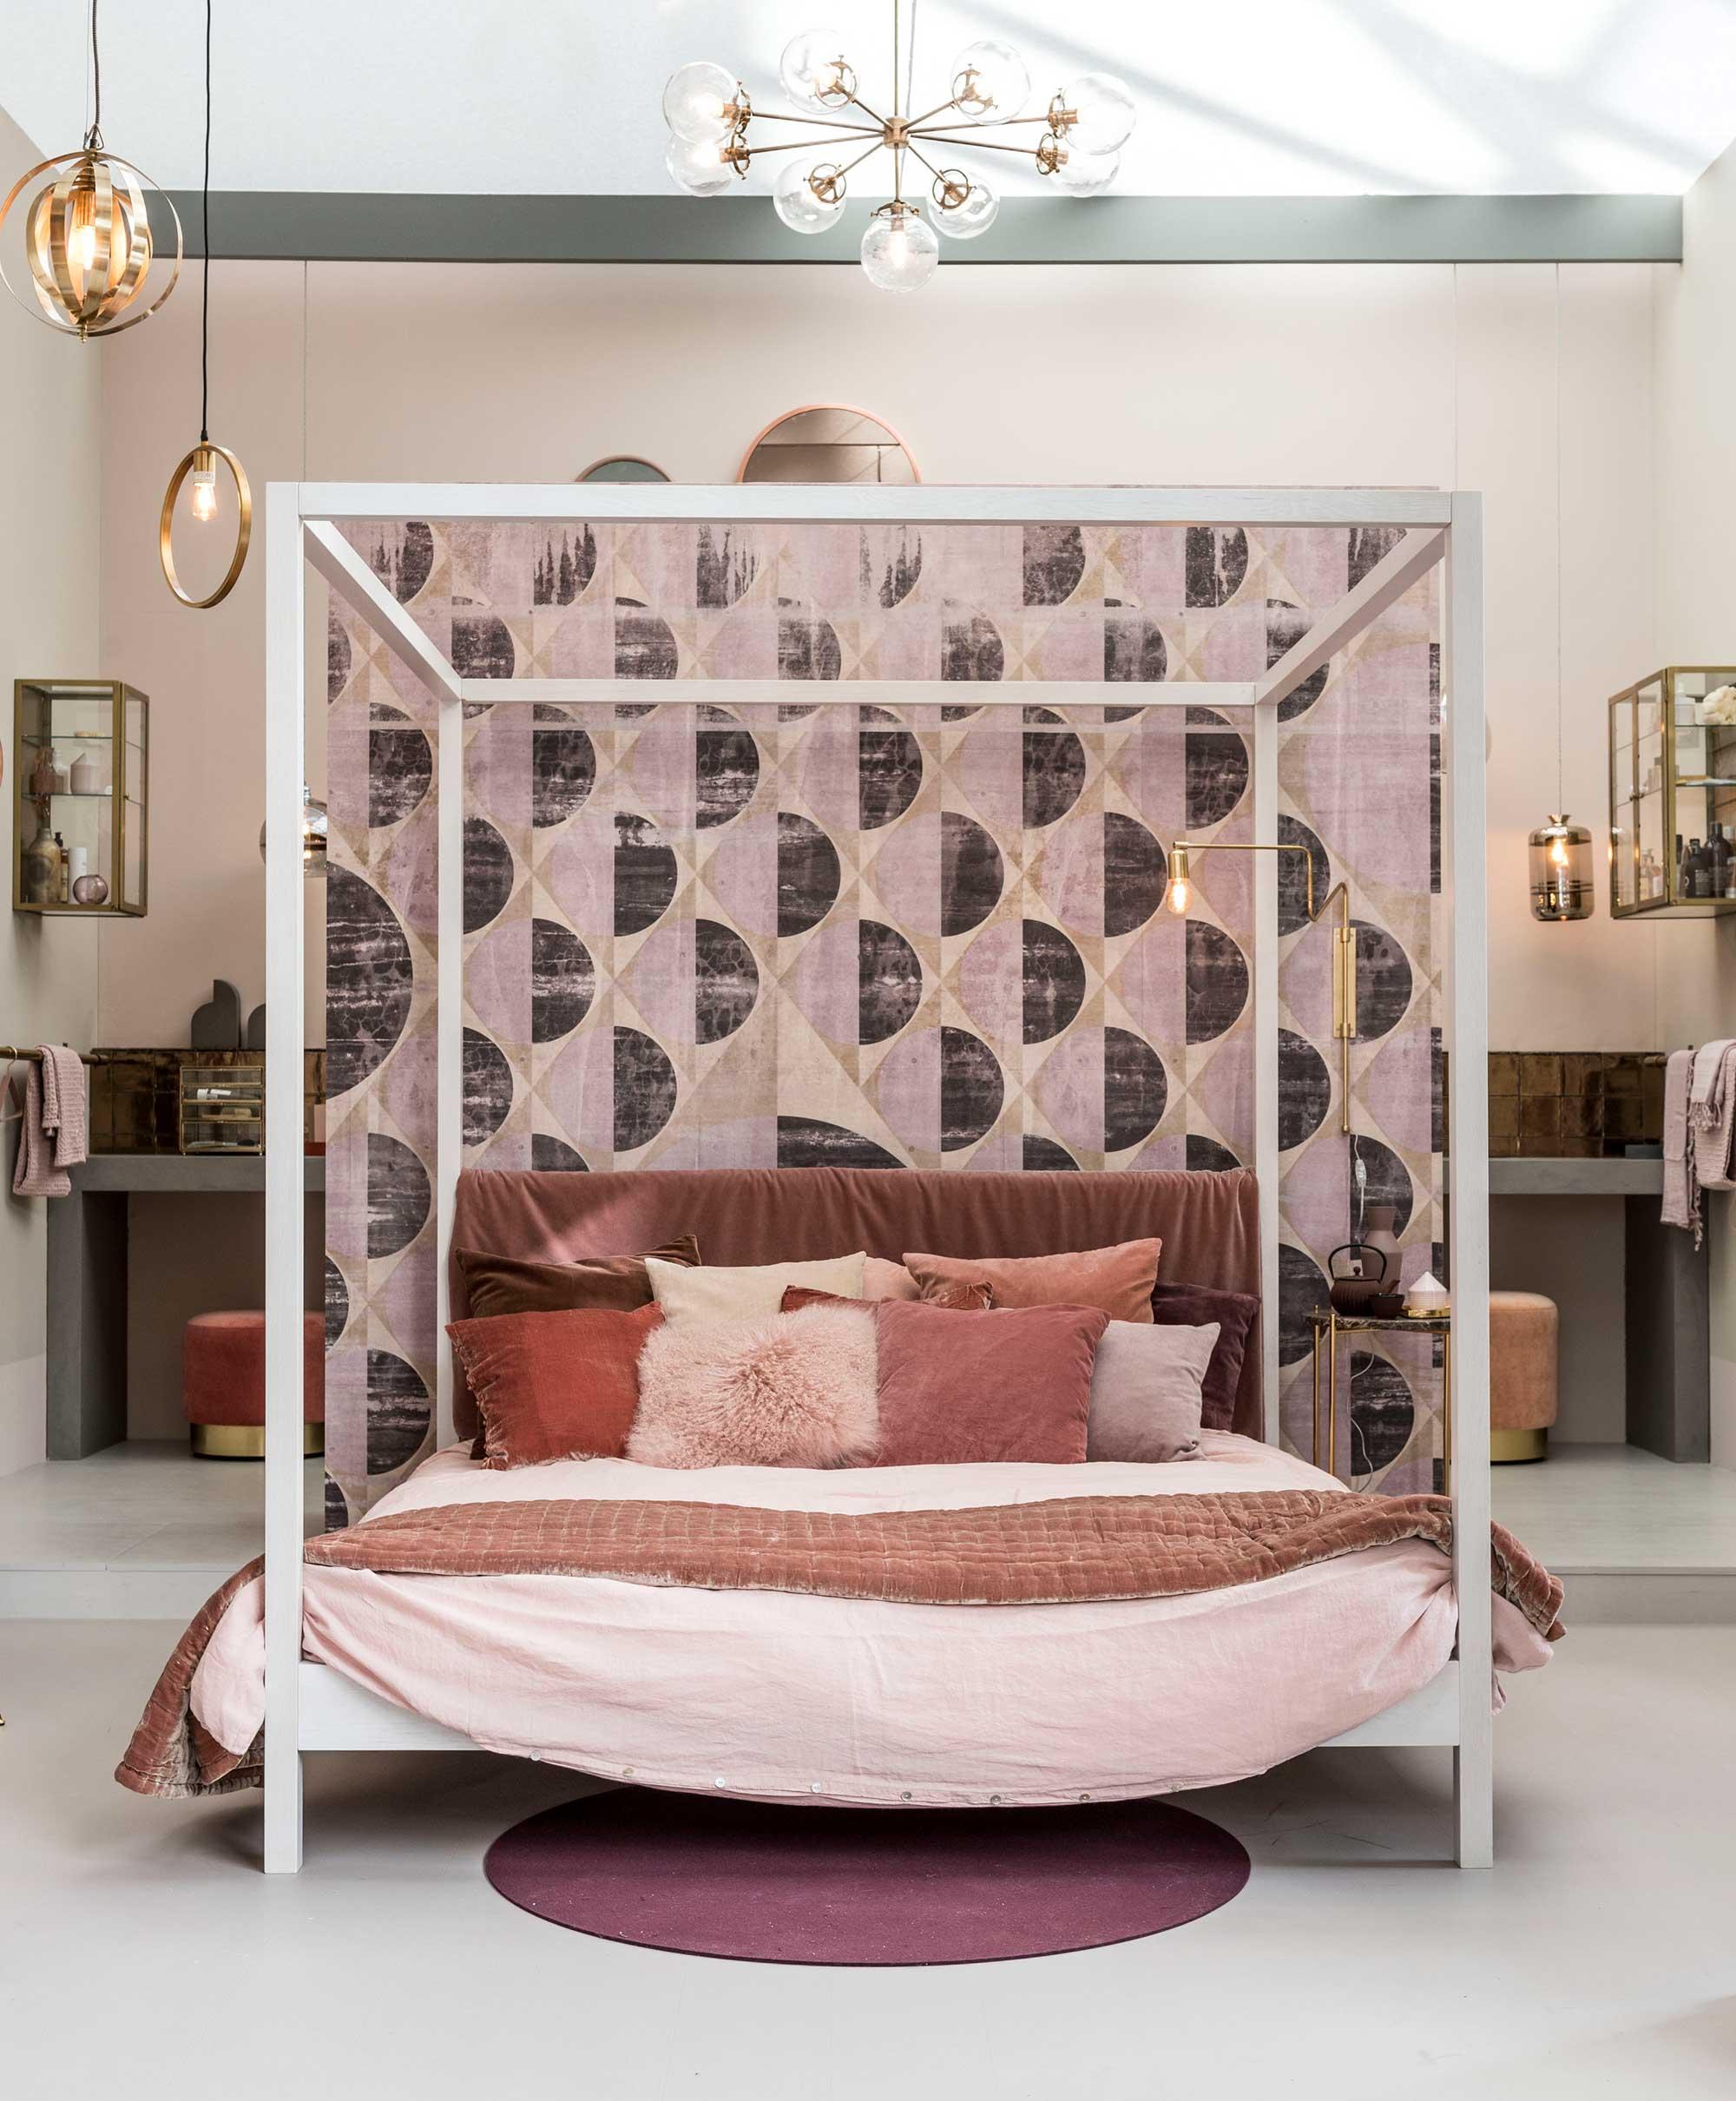 Romantische slaapkamer in het vtwonen huis